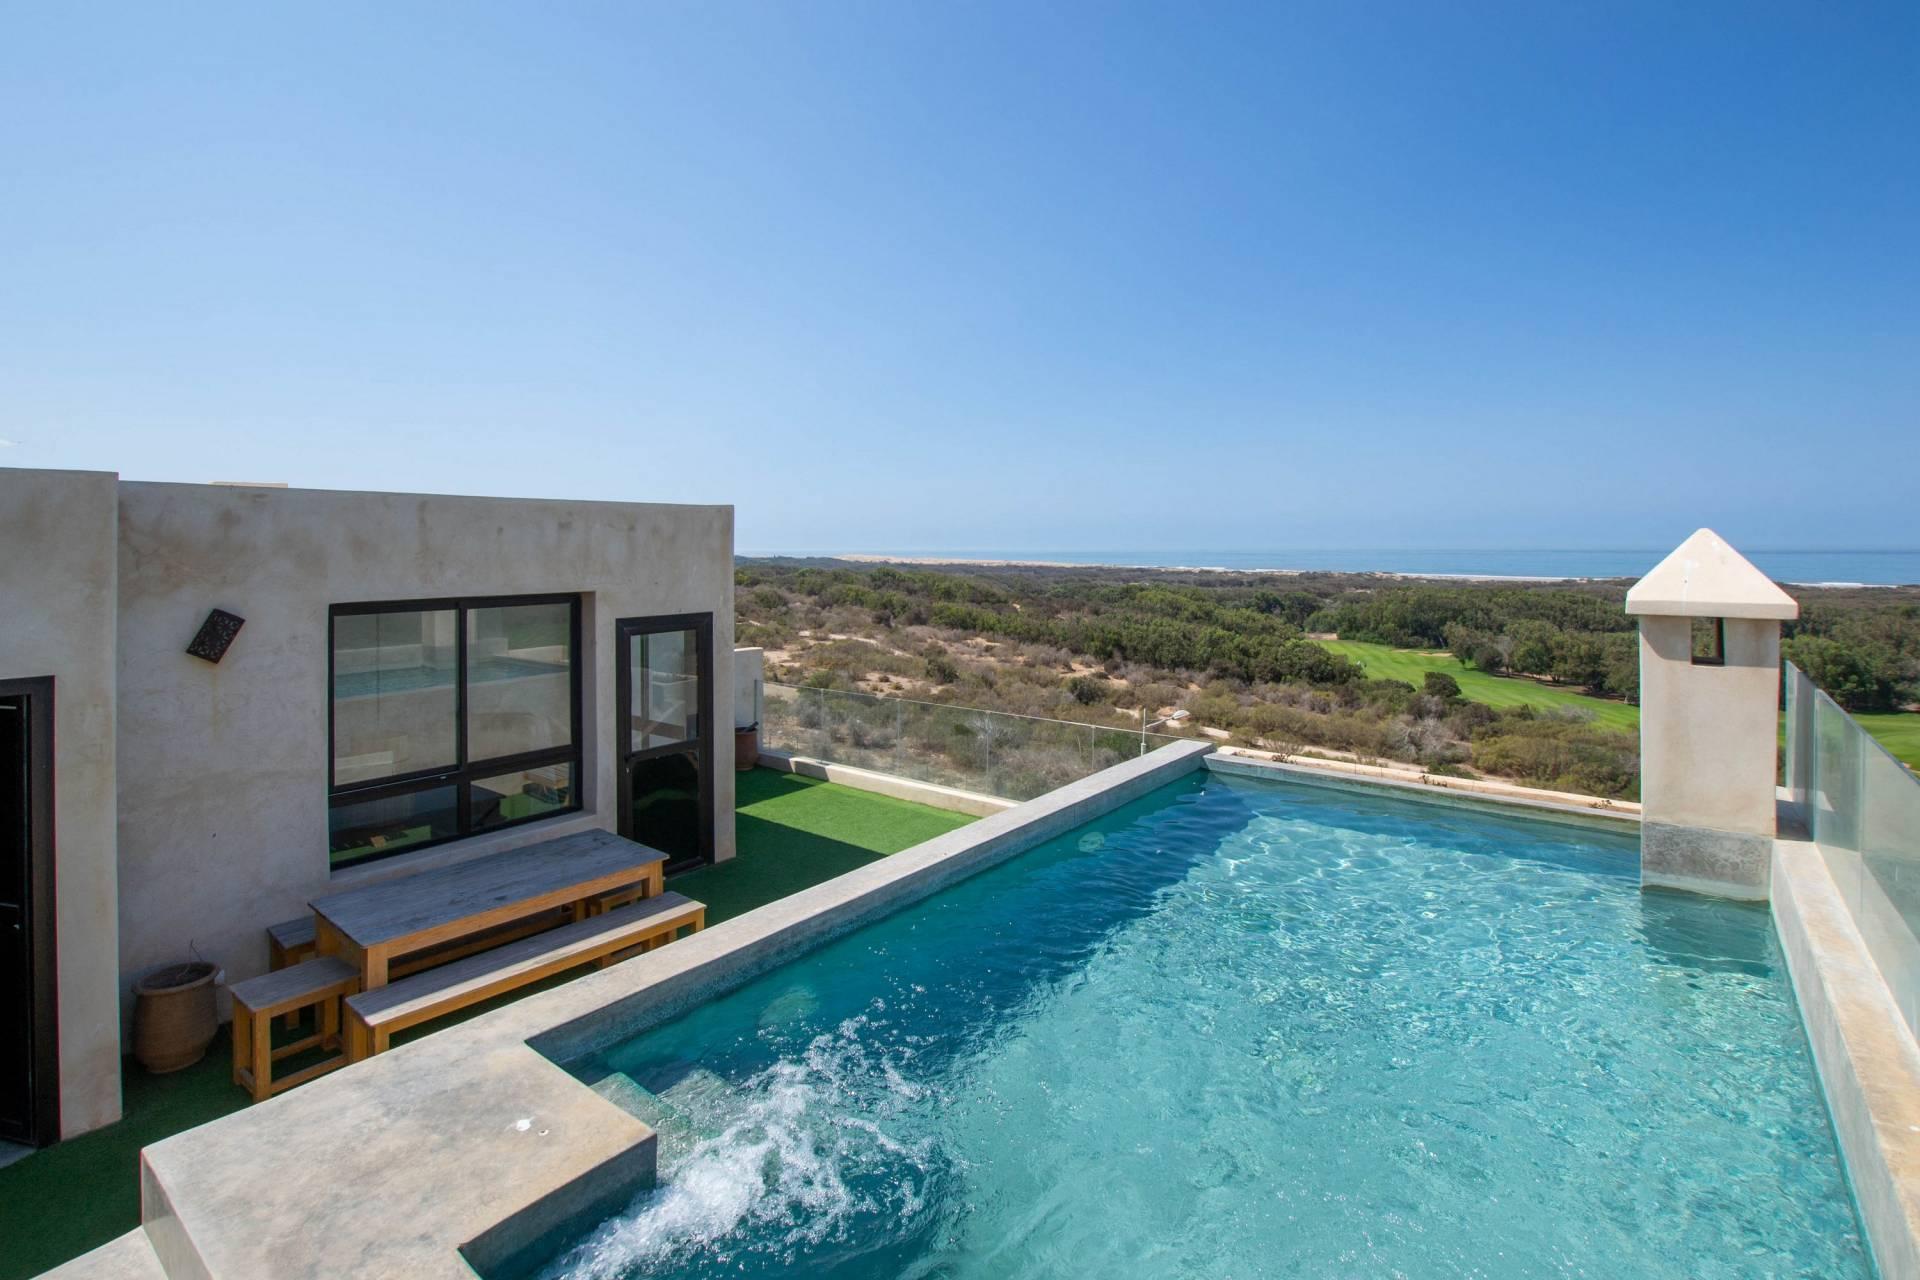 maison piscine-vente (28)